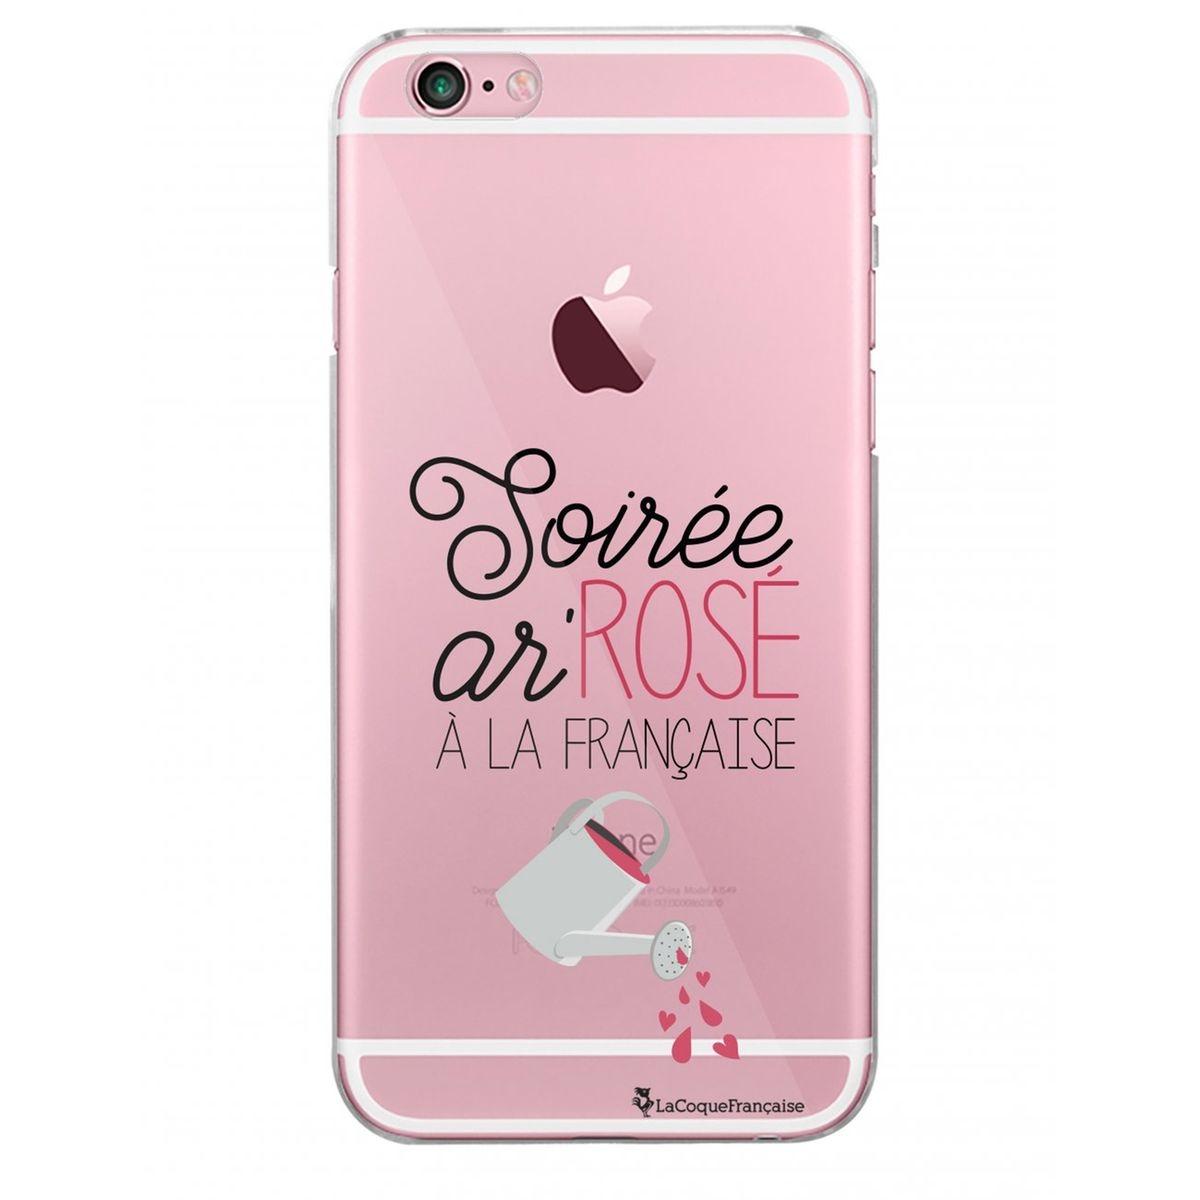 Coque iPhone 6 iPhone 6S rigide transparente, Soirée ar'rosé à la française, La Coque Francaise®